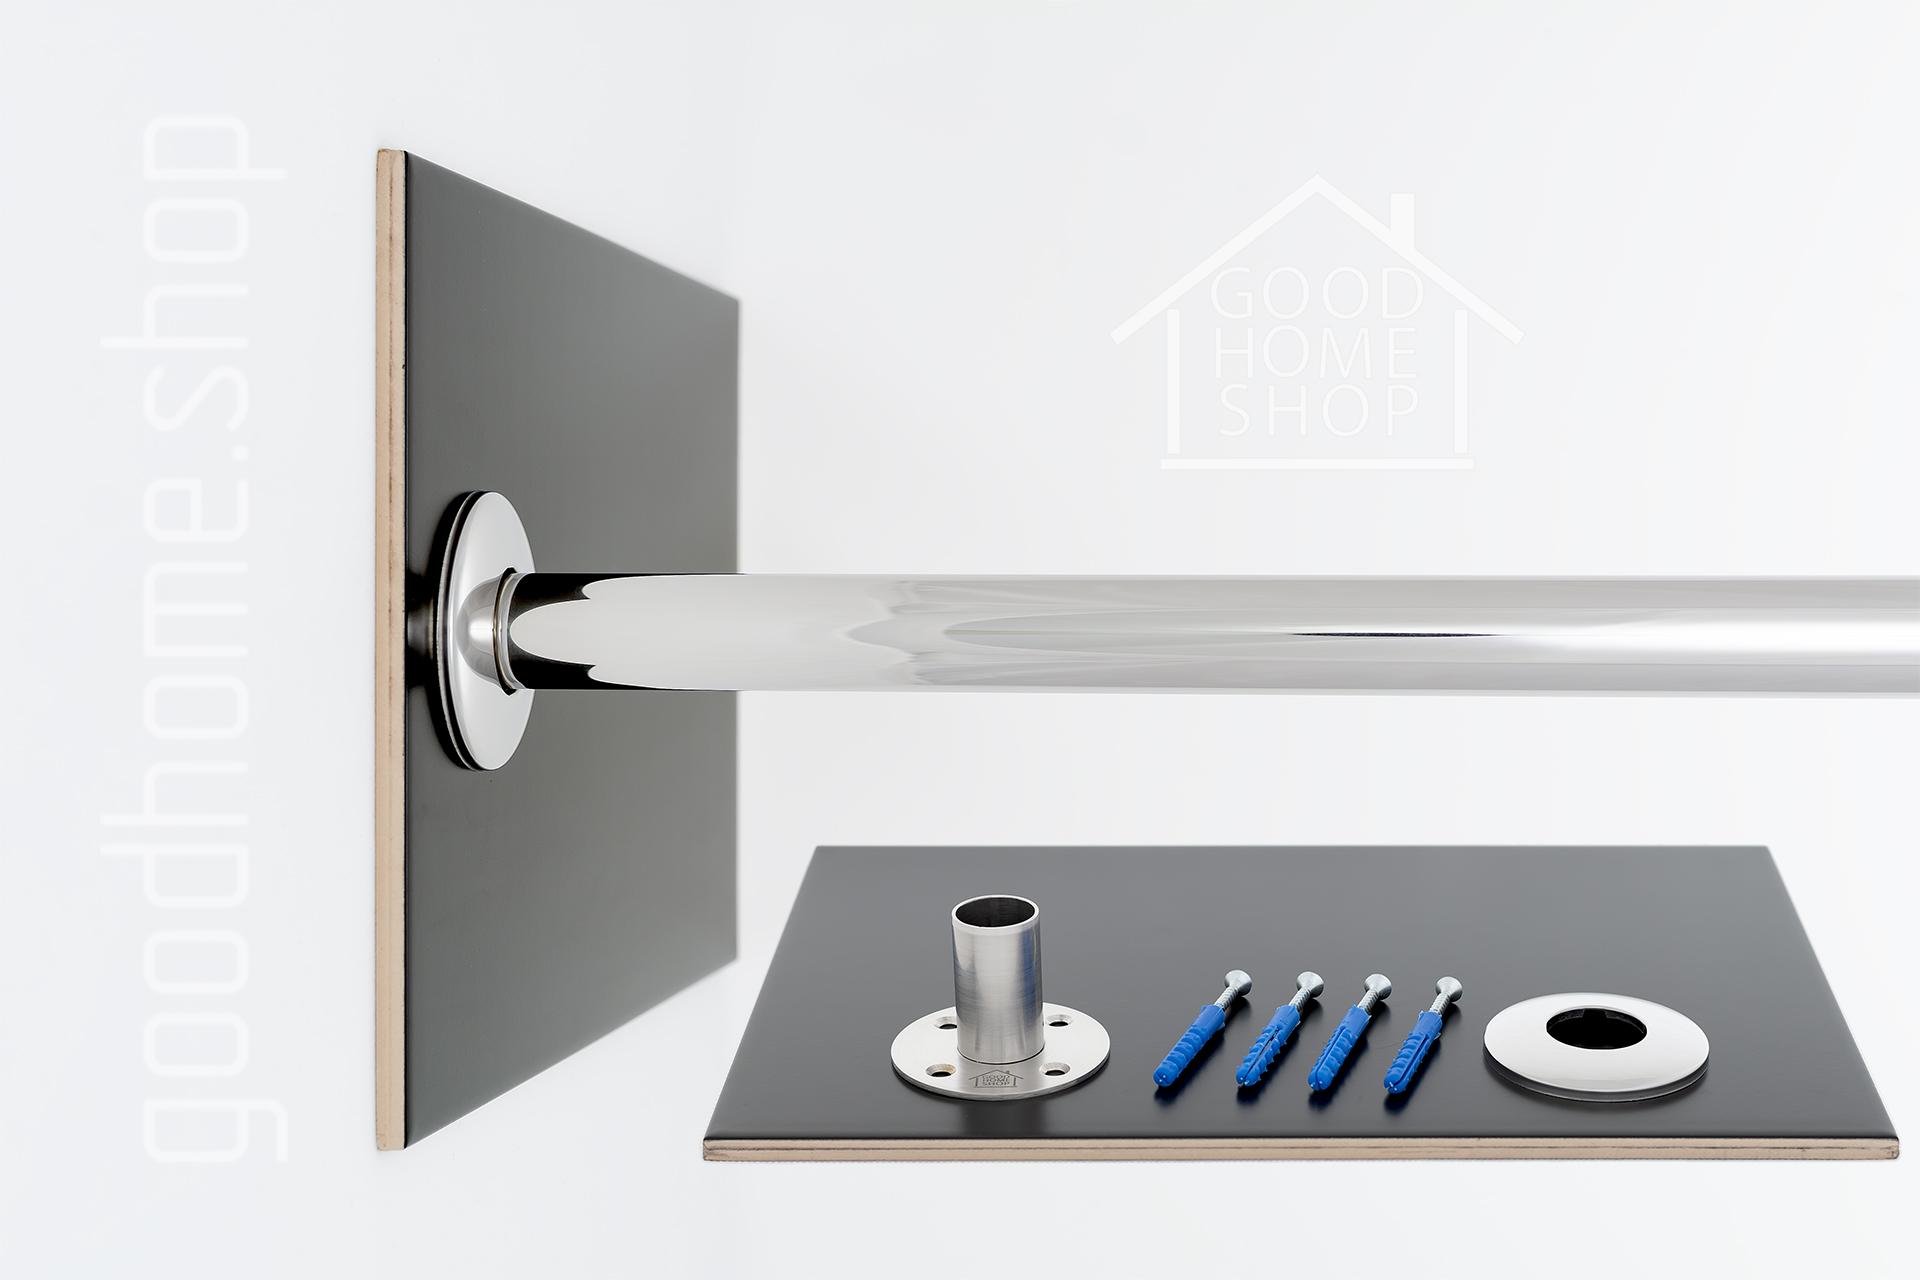 """Карниз для ванной (Штанга) """"усиленный 25"""" Balteco Primo 180x80 Г-образный, угловой"""